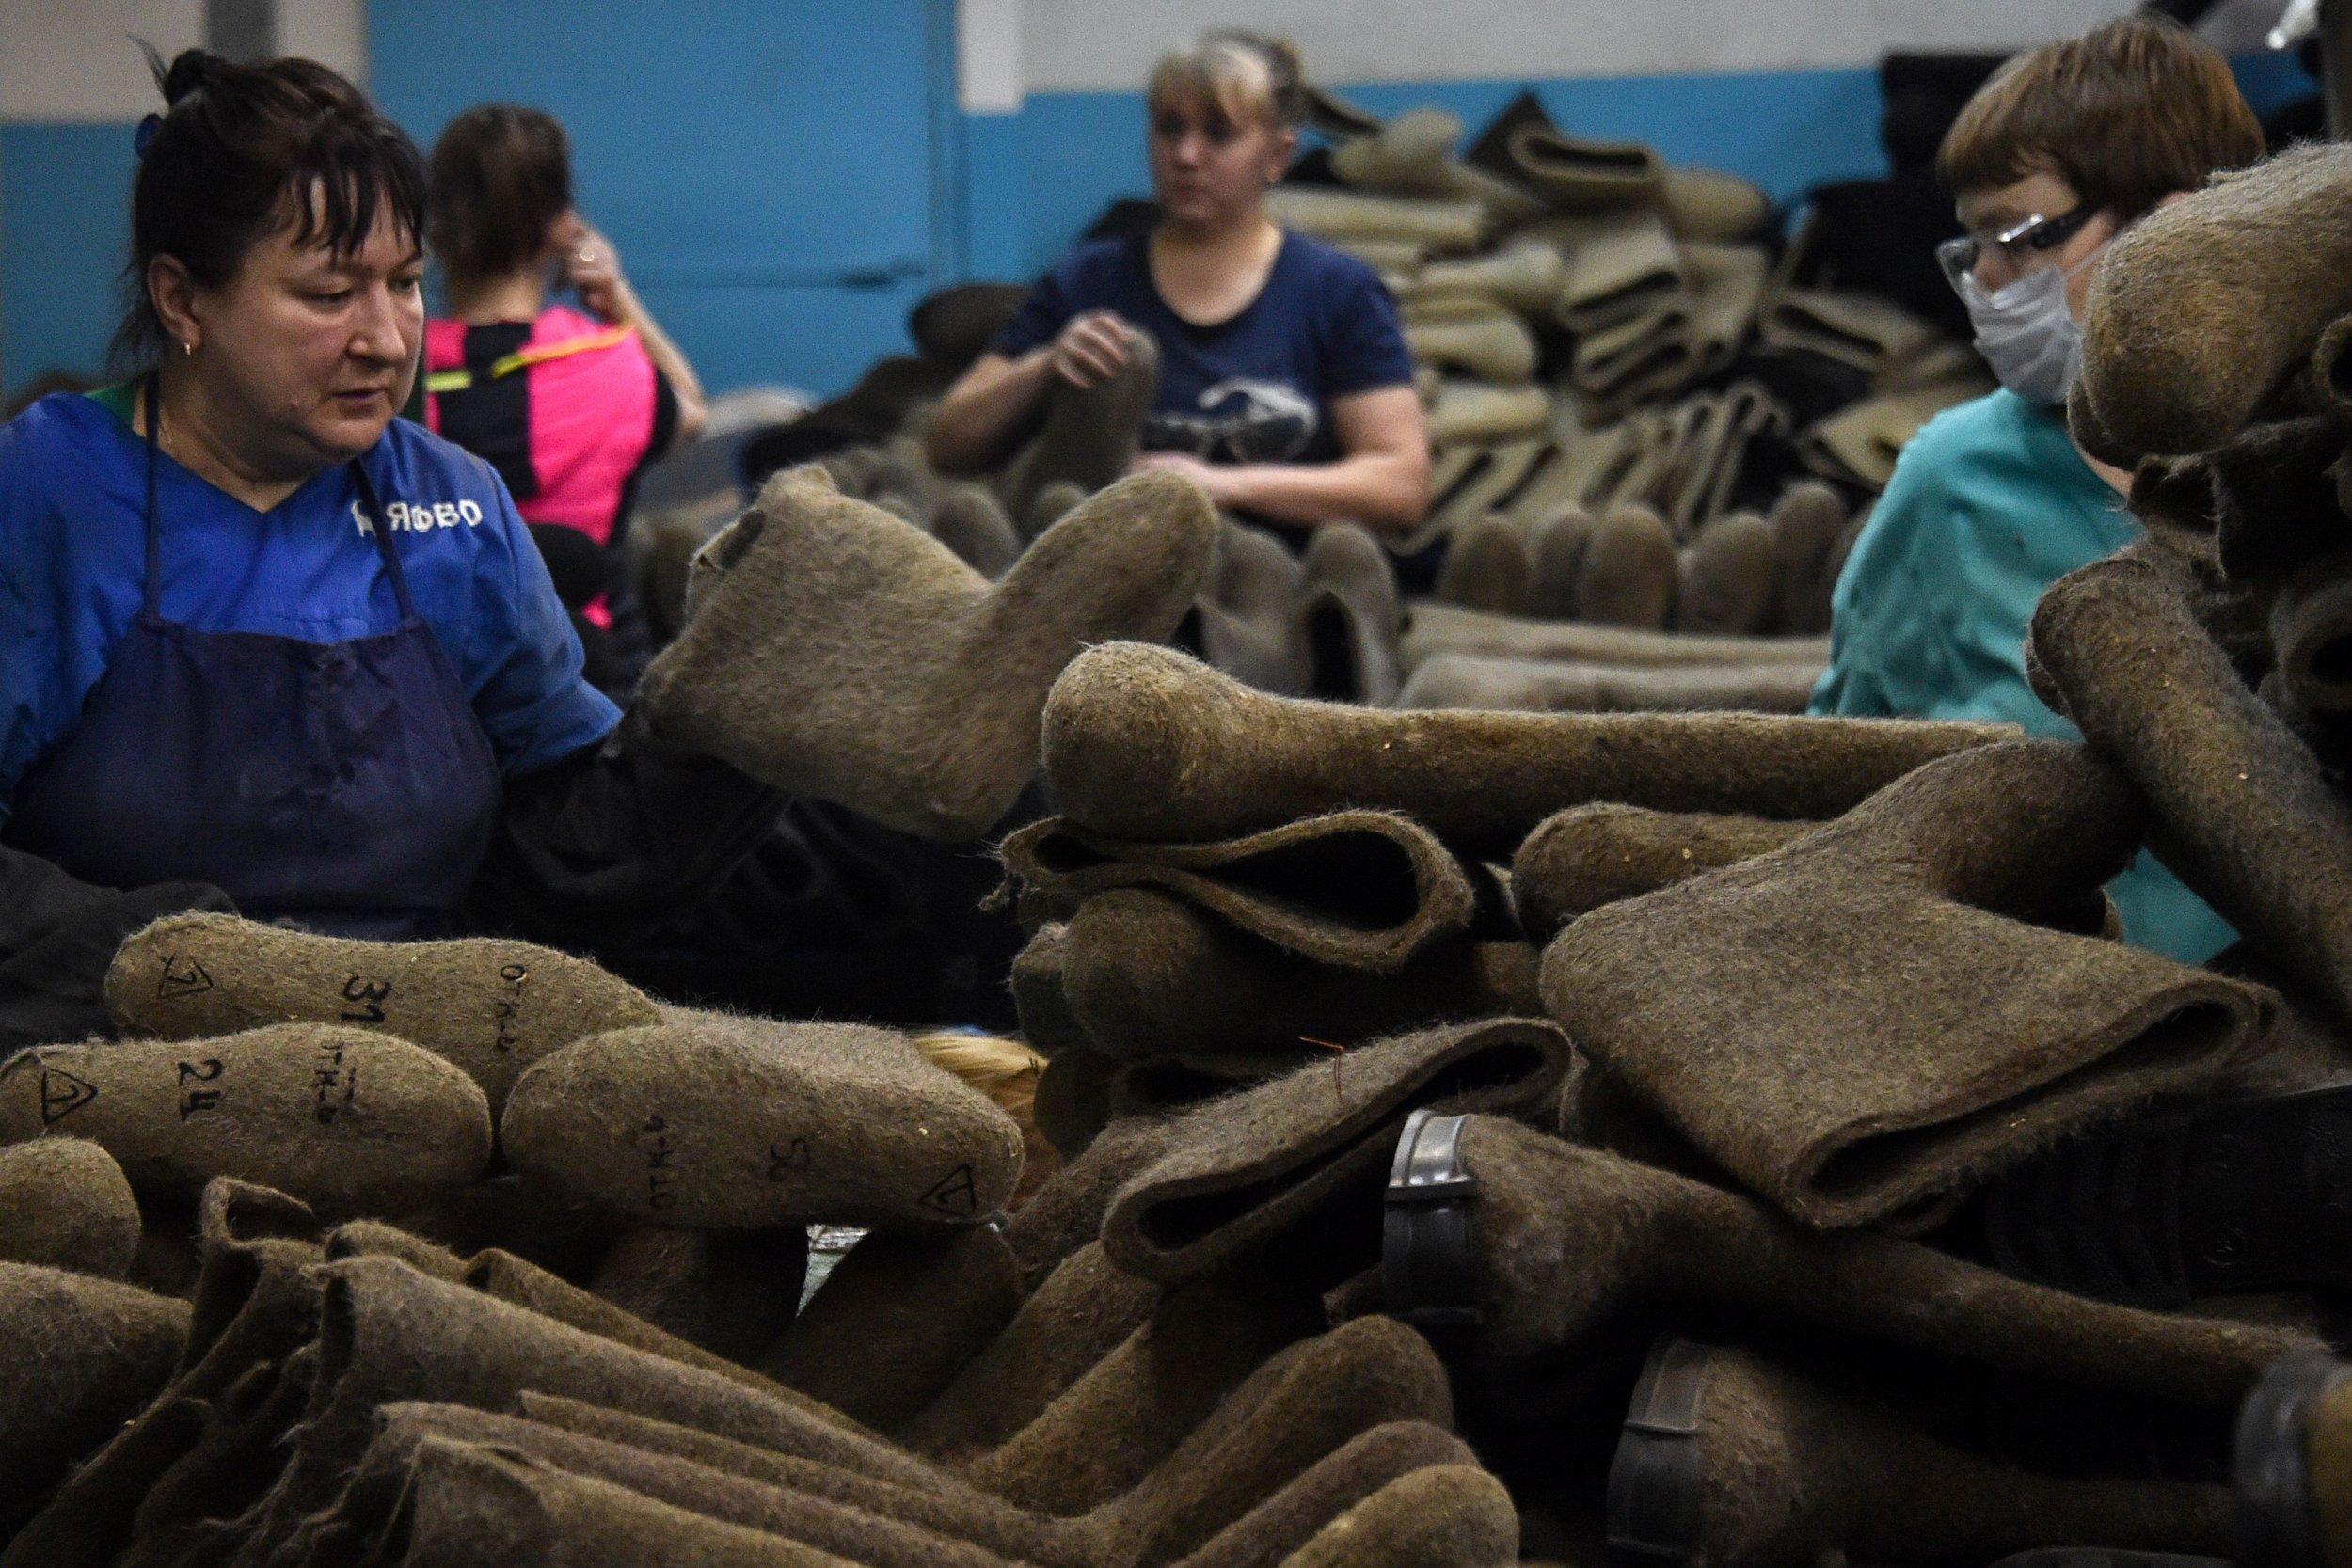 Russia poverty shoes Kremlin Peskov